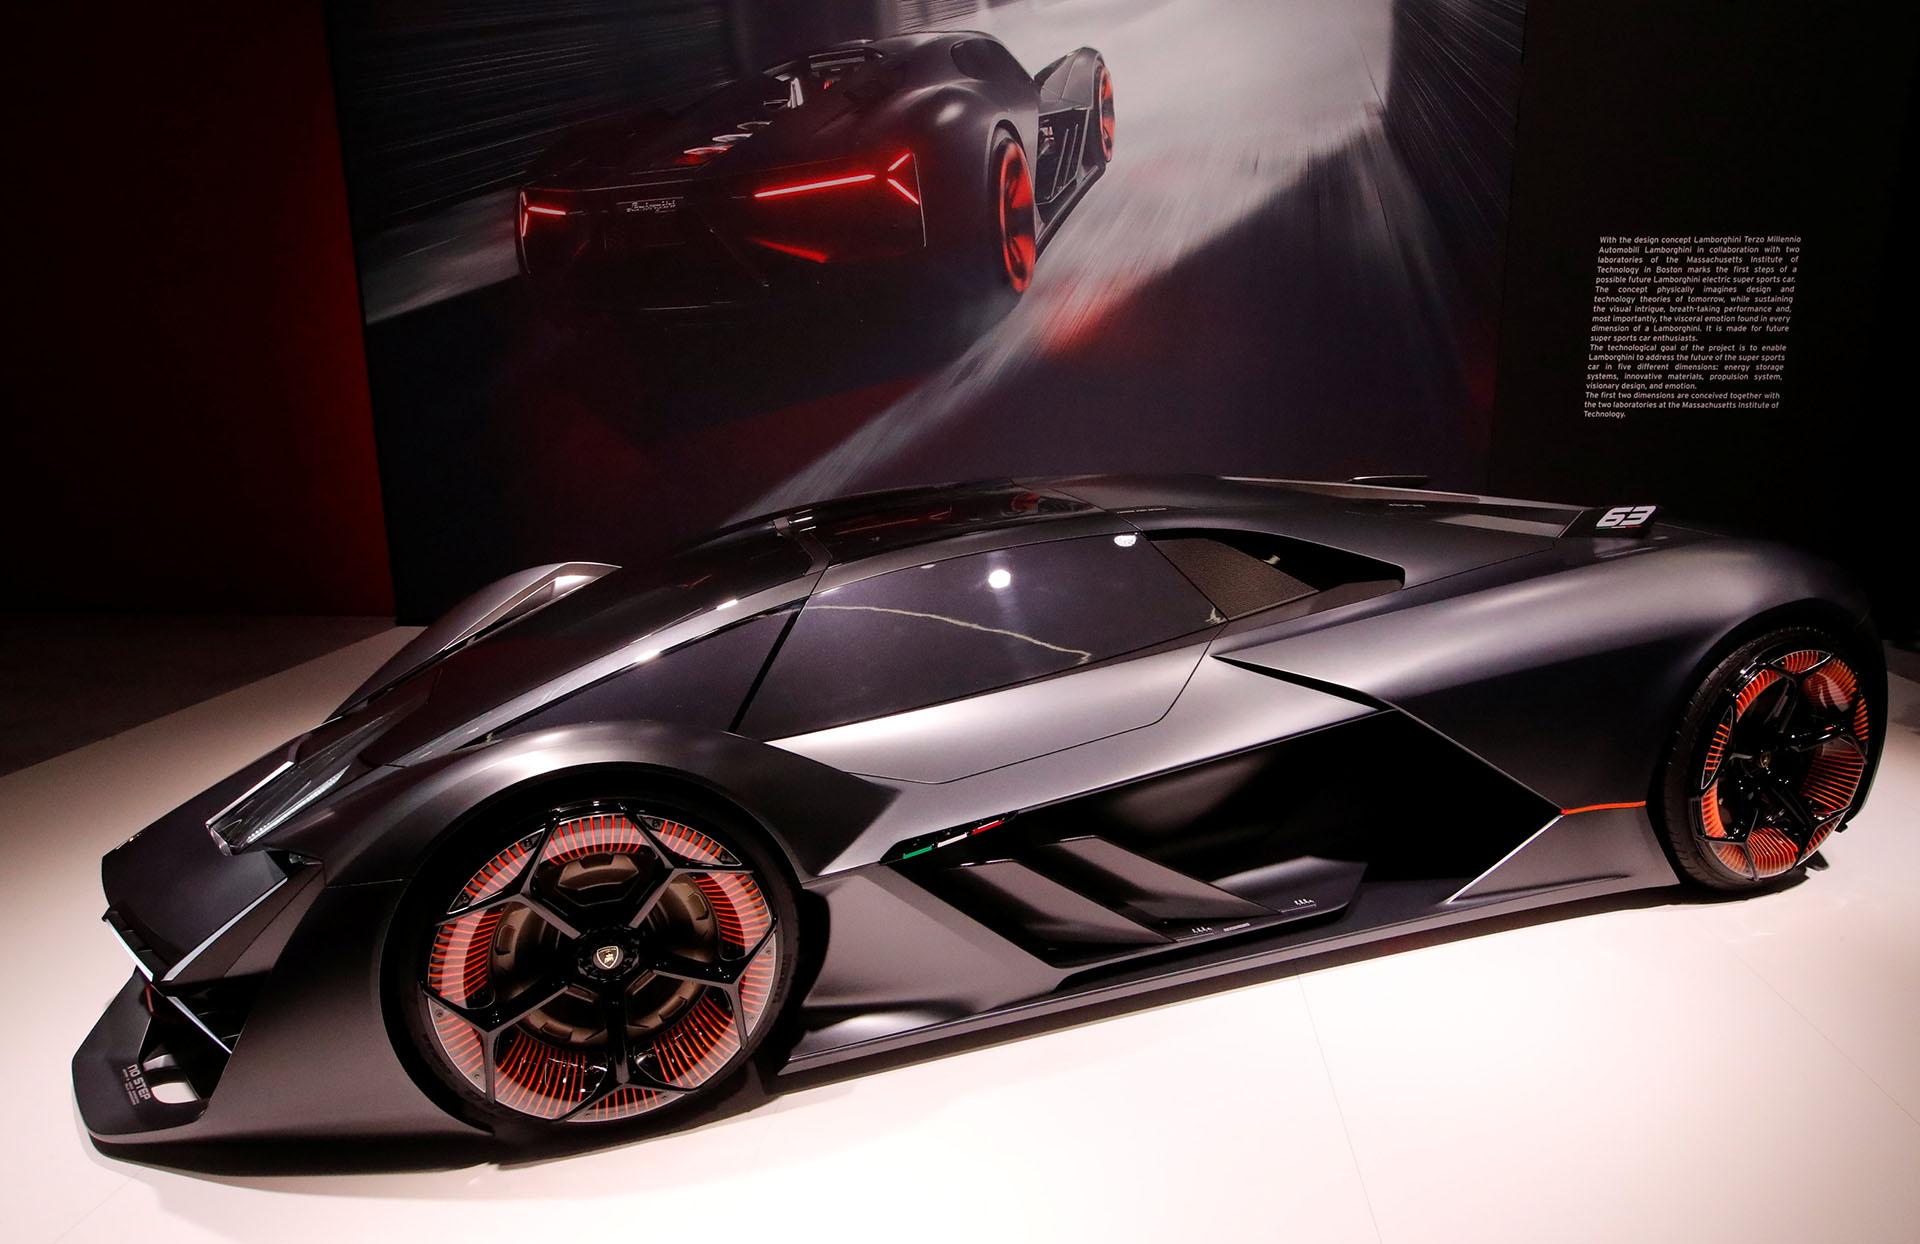 En el stand de Lamborghini también hay un deportivo extraído del futuro. El Lamborghini Terzo Millenio es un concept car que nació en colaboración con estudiantes y profesores del MIT (Massachusetts Institute of Technology). Como se presupone, está cargado de tecnología de última generación: energía eléctrica a través de supercondensadores y una fibra de carbono que se repara sola